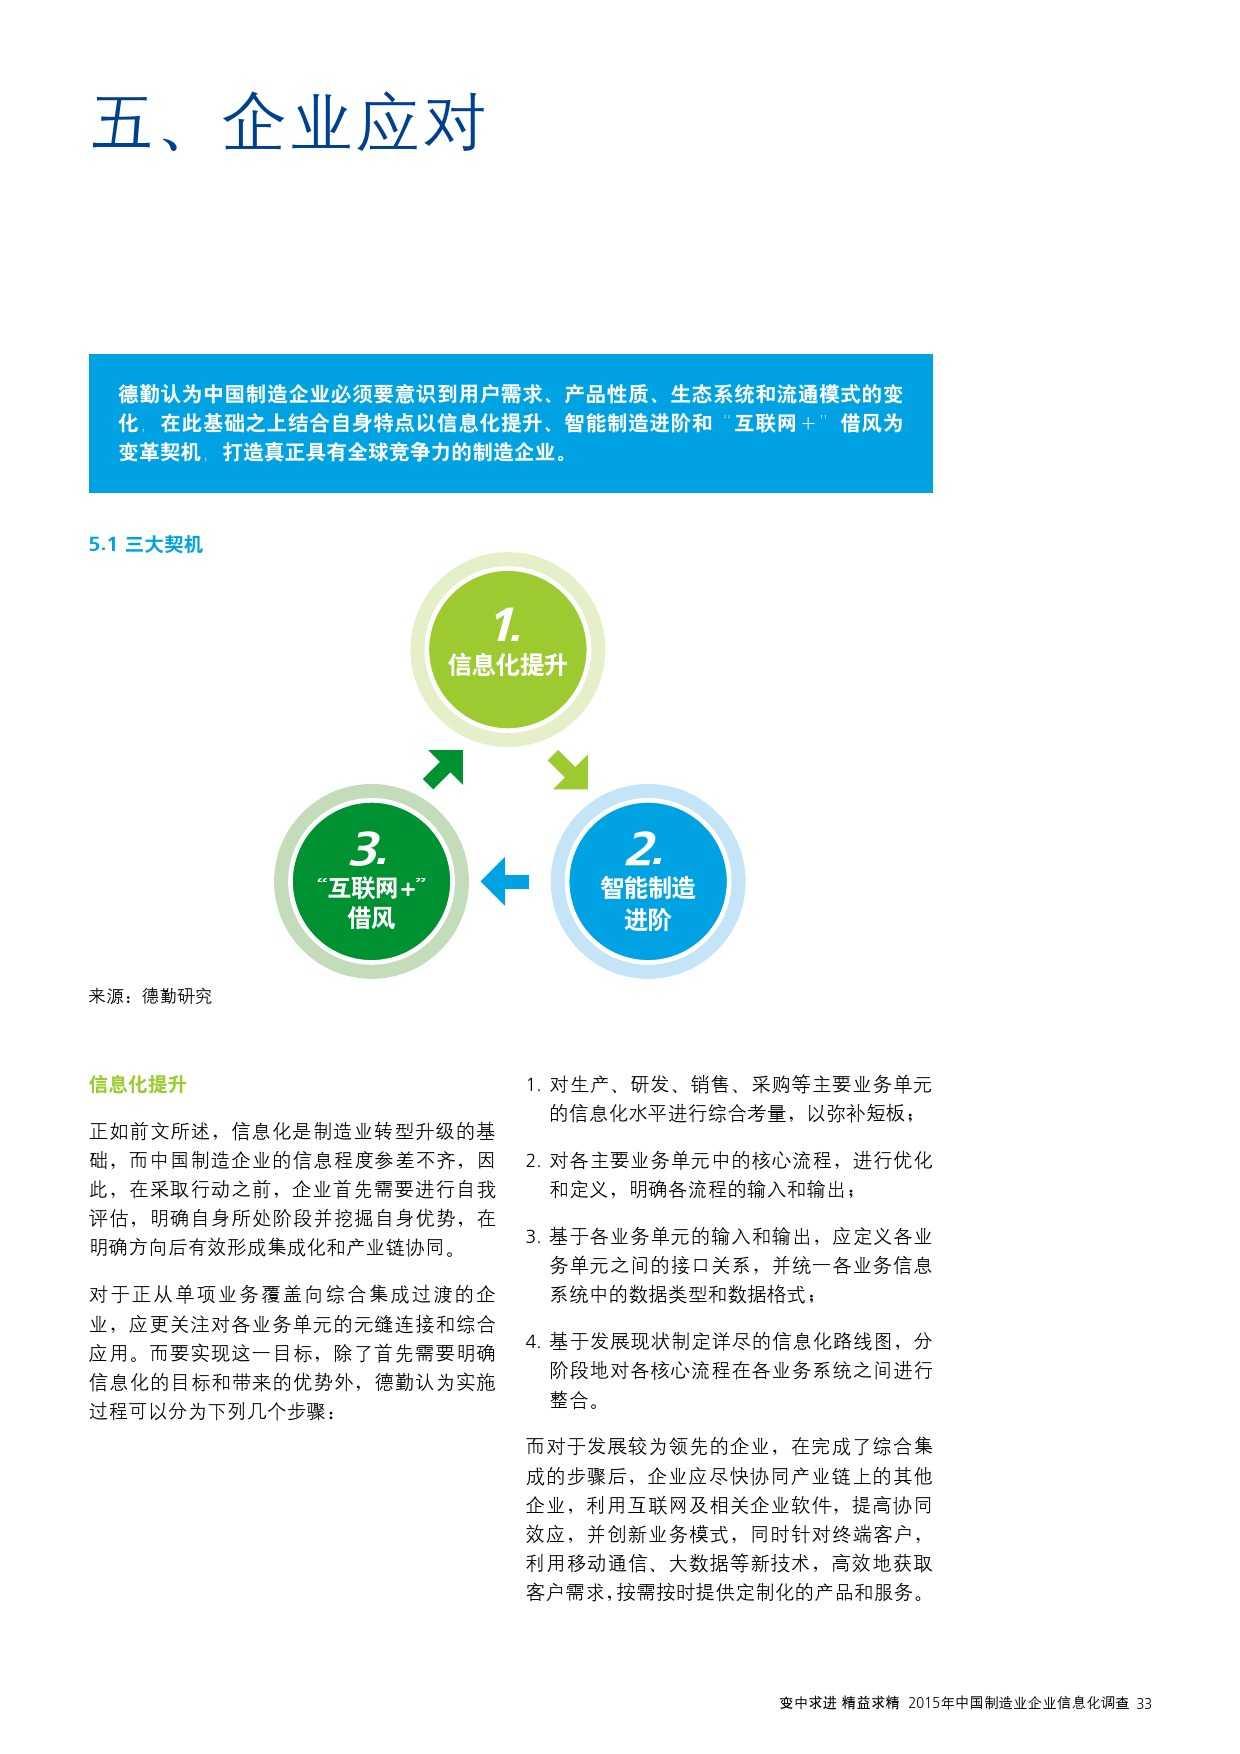 2015年中国制造业企业信息化调查_000035